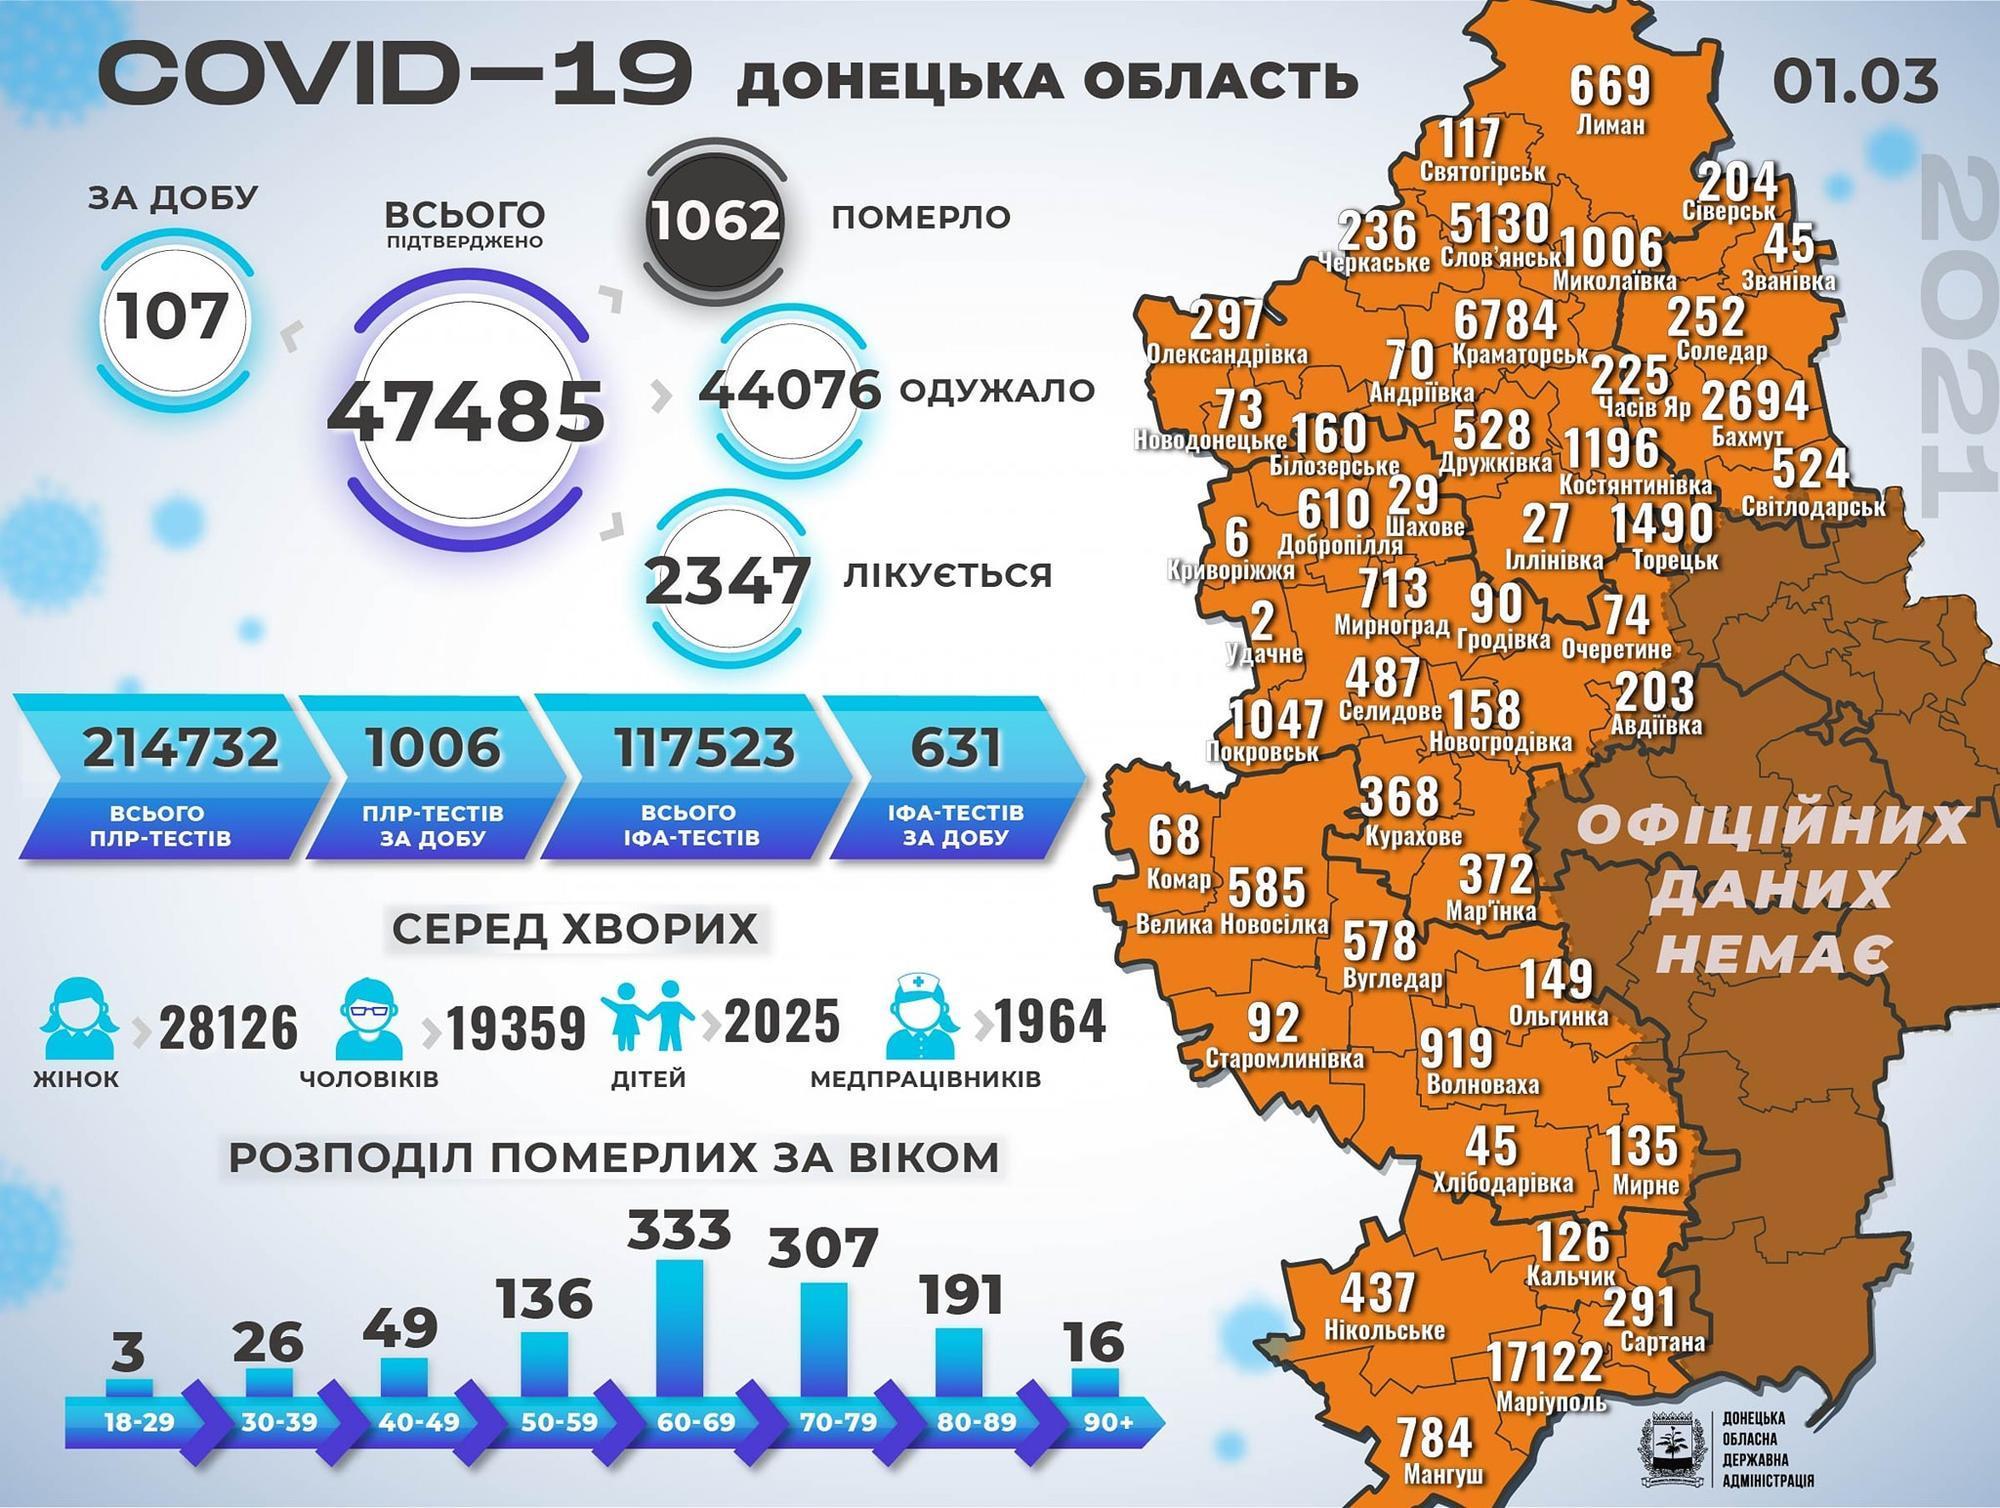 инфографика ДонОГА коронавирус 2 марта